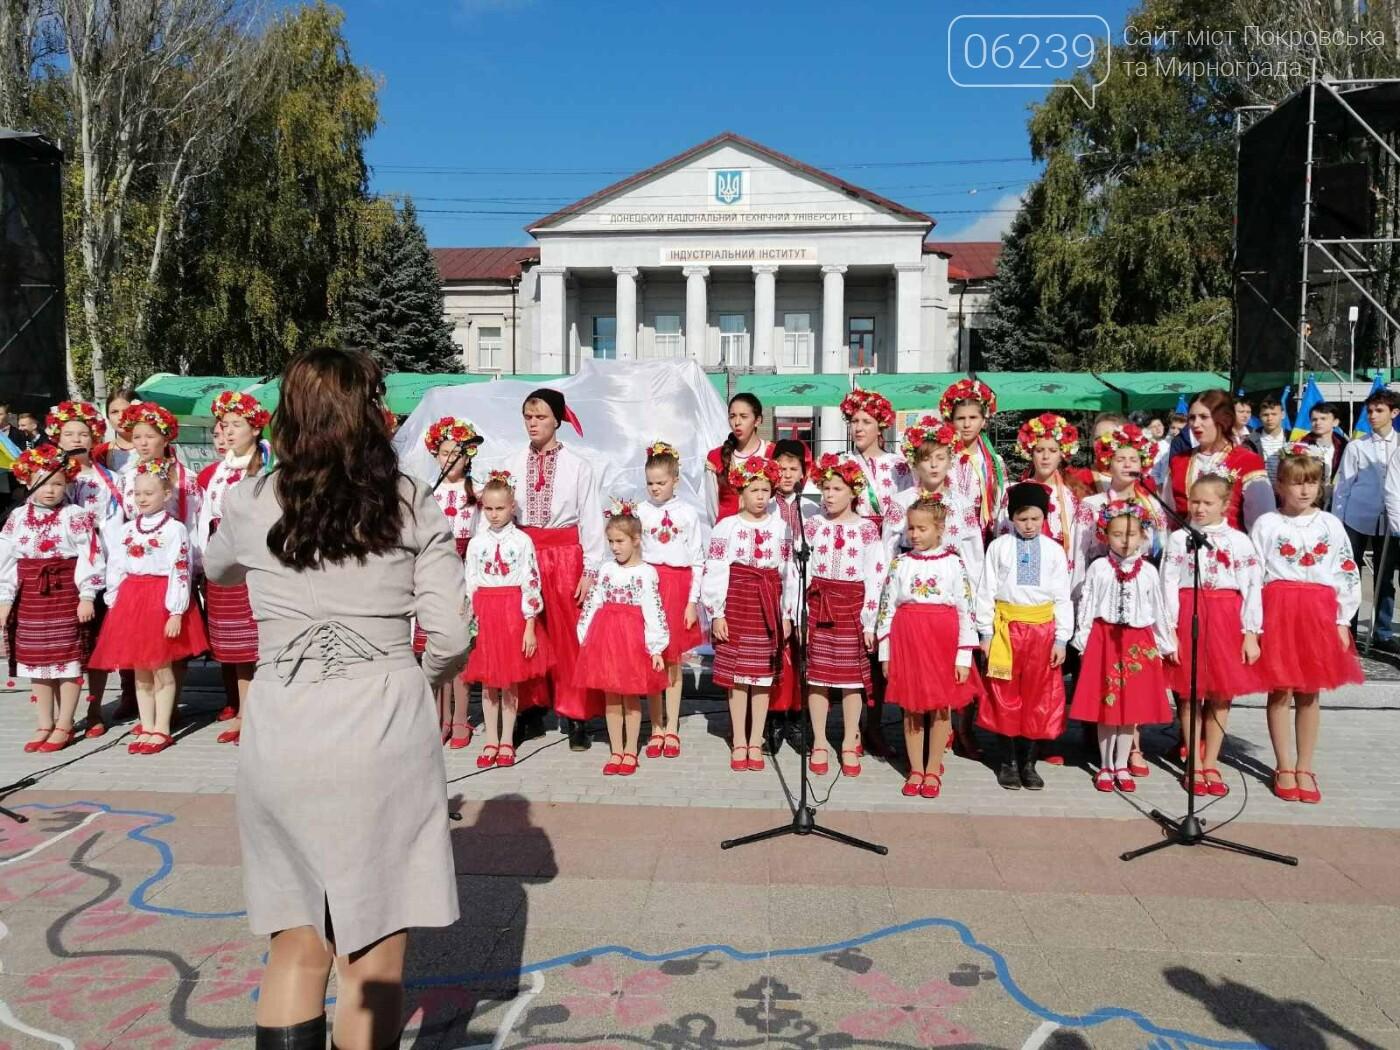 В Покровске состоялось торжественное открытие памятника Шевченко, фото-8